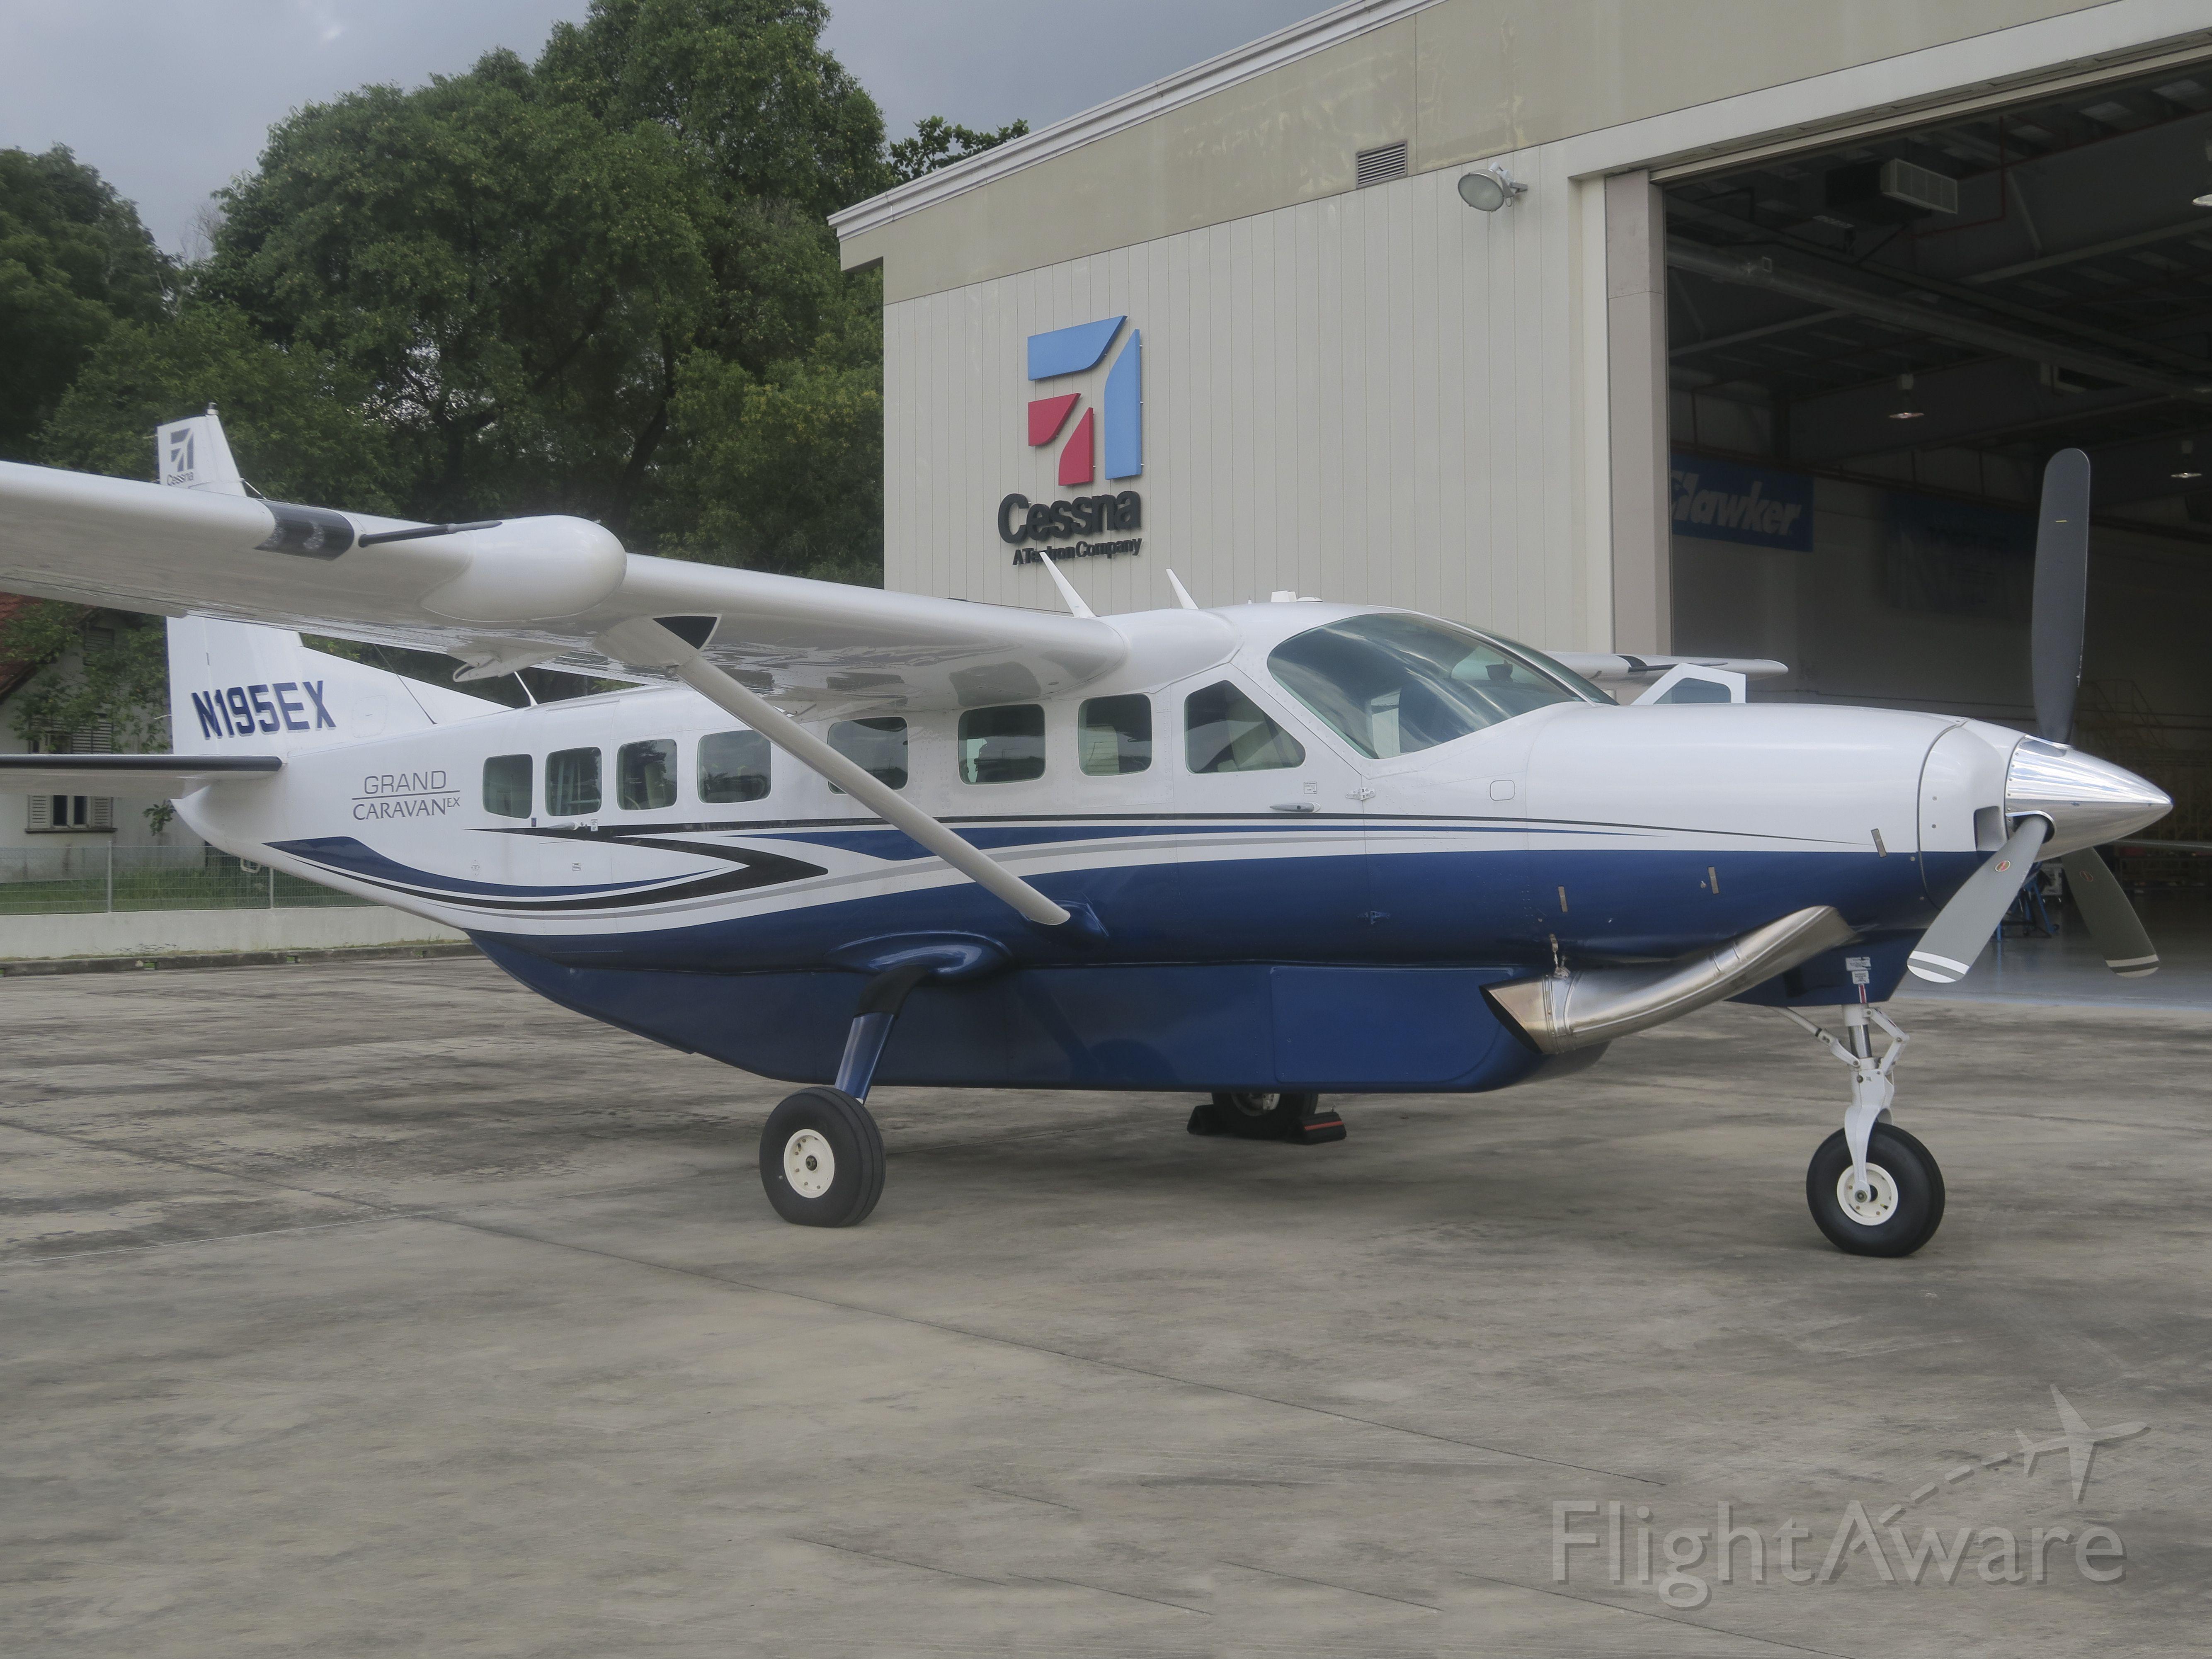 Cessna Caravan (N195EX) - 4 January 2016